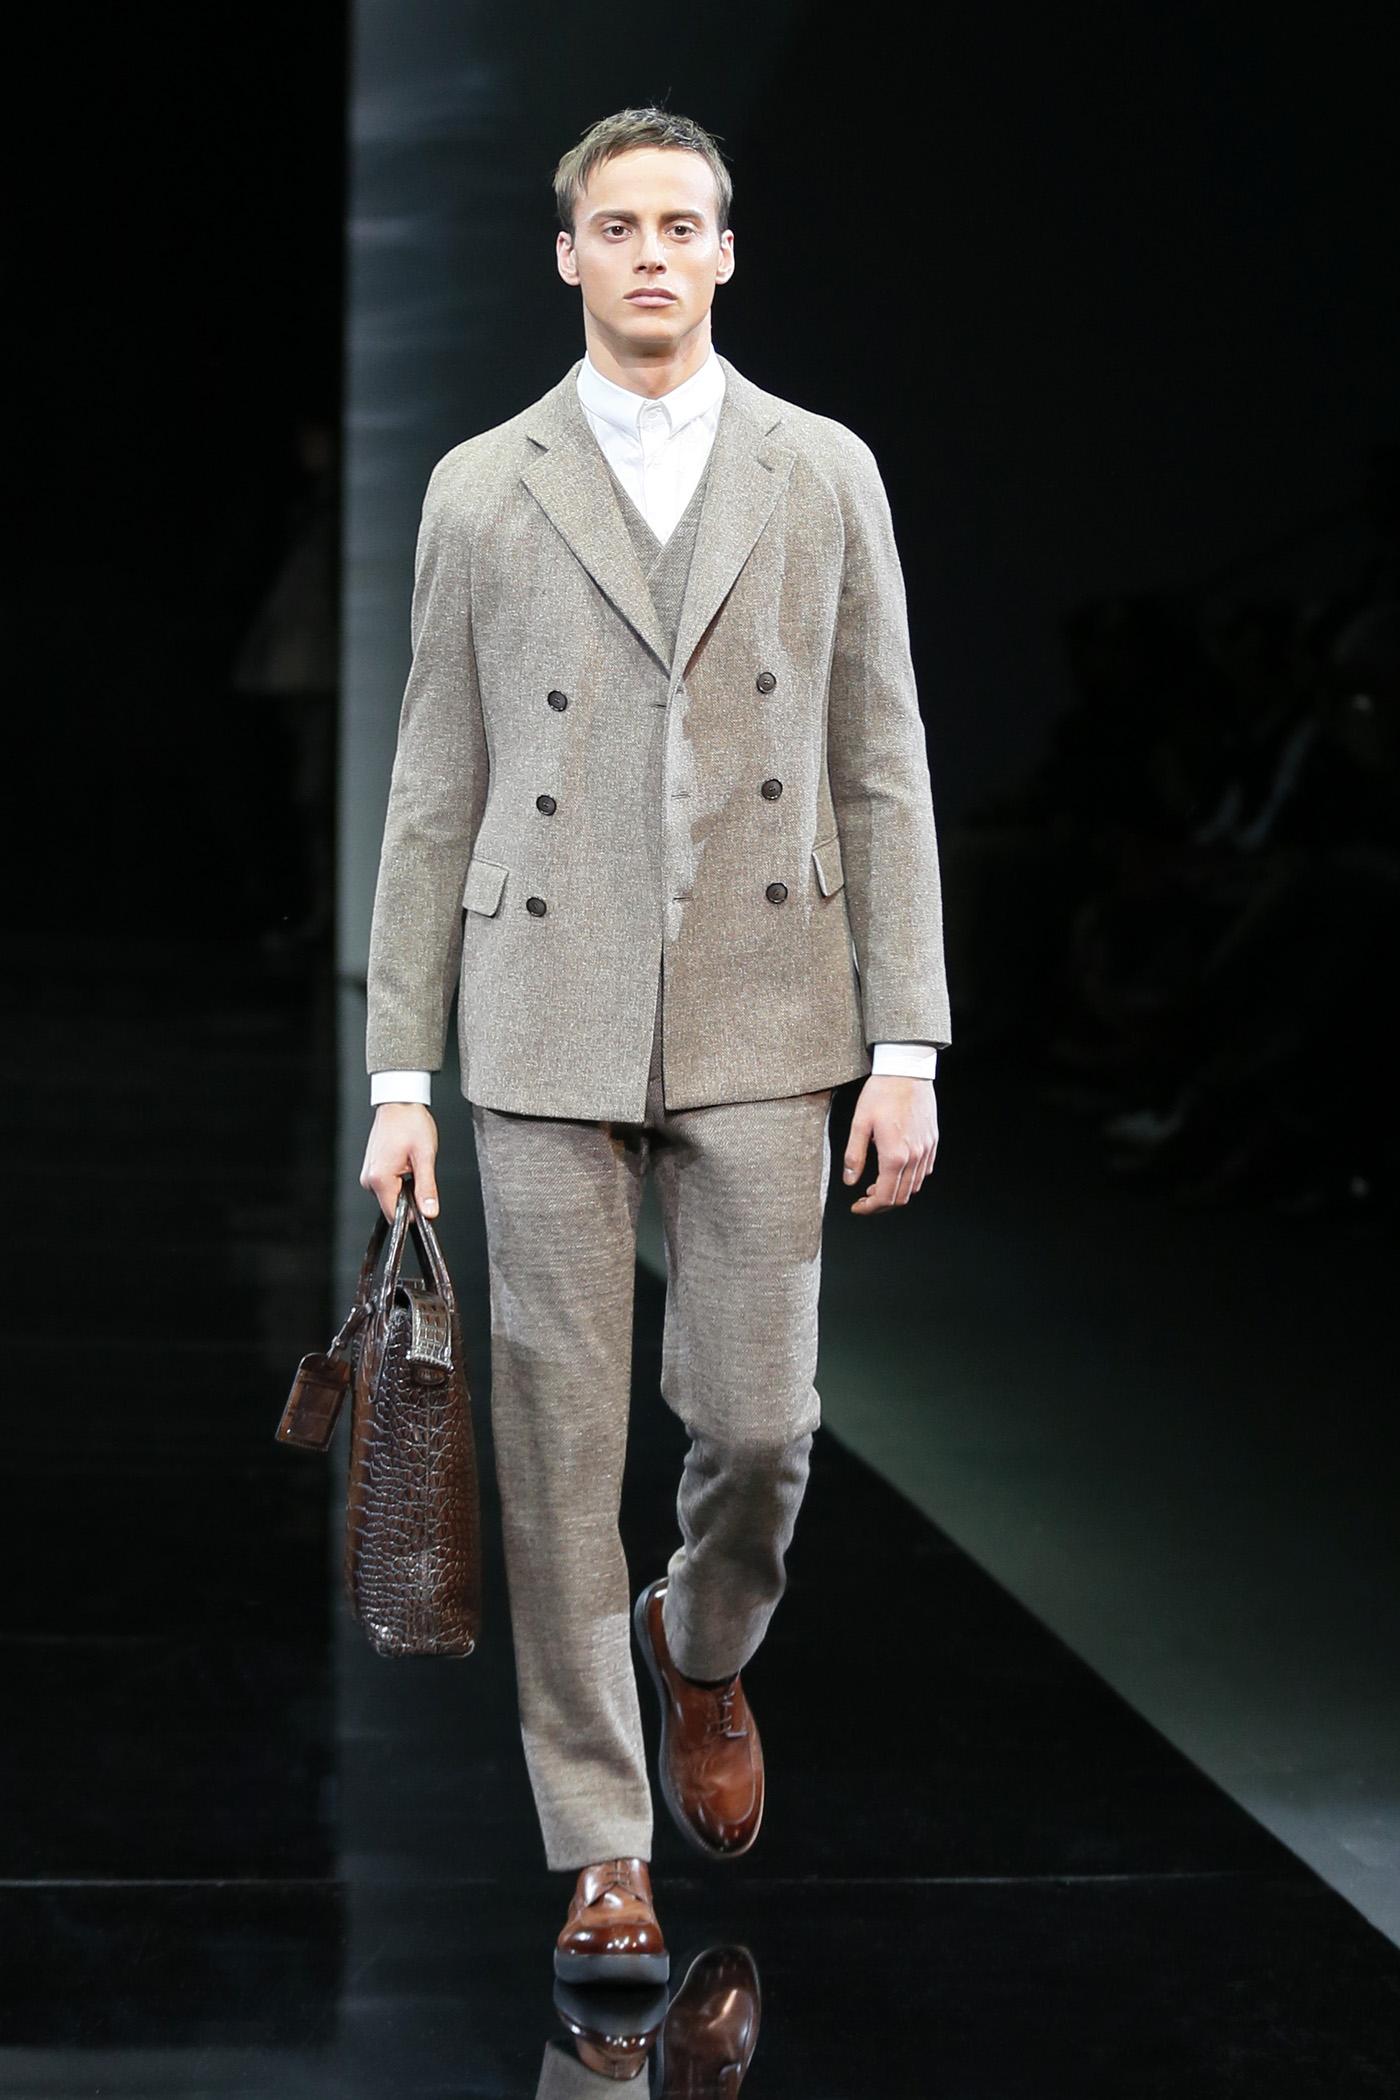 giorgio-armani-menswear-fw1415-2